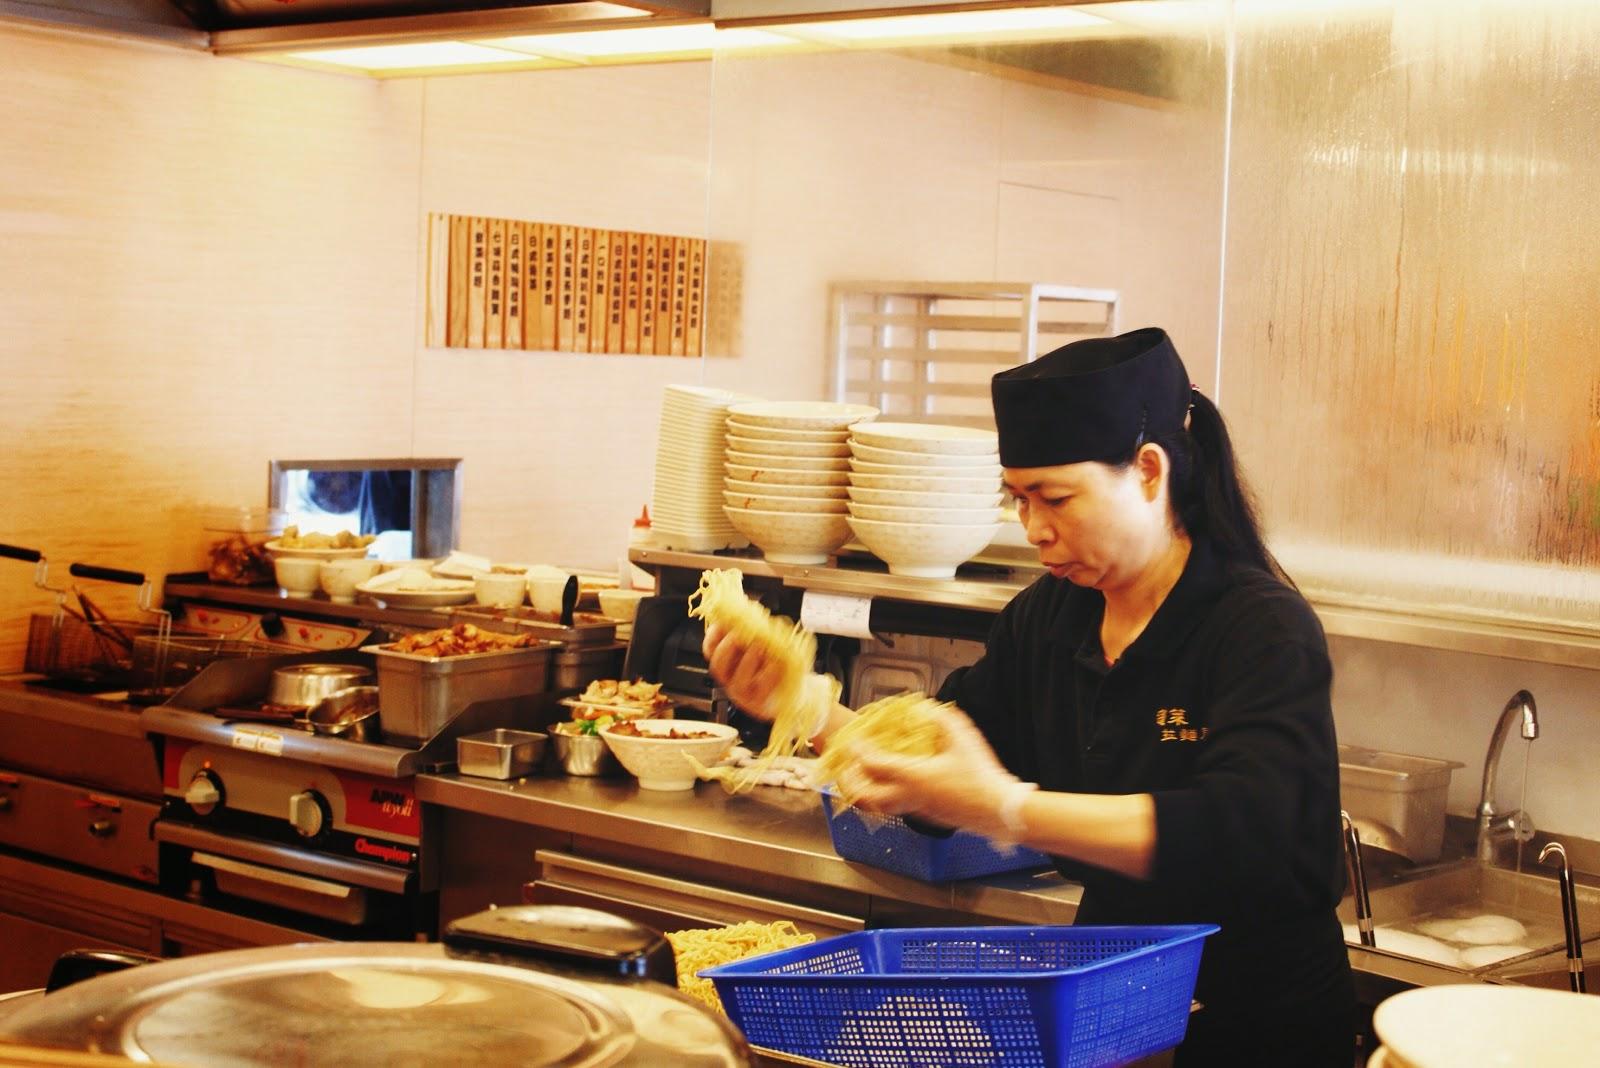 蓬萊拉麵屋 Zen Noodle Cafe @ Ngong Ping, Lantau Island, Hong Kong 香港大嶼山昂坪市集